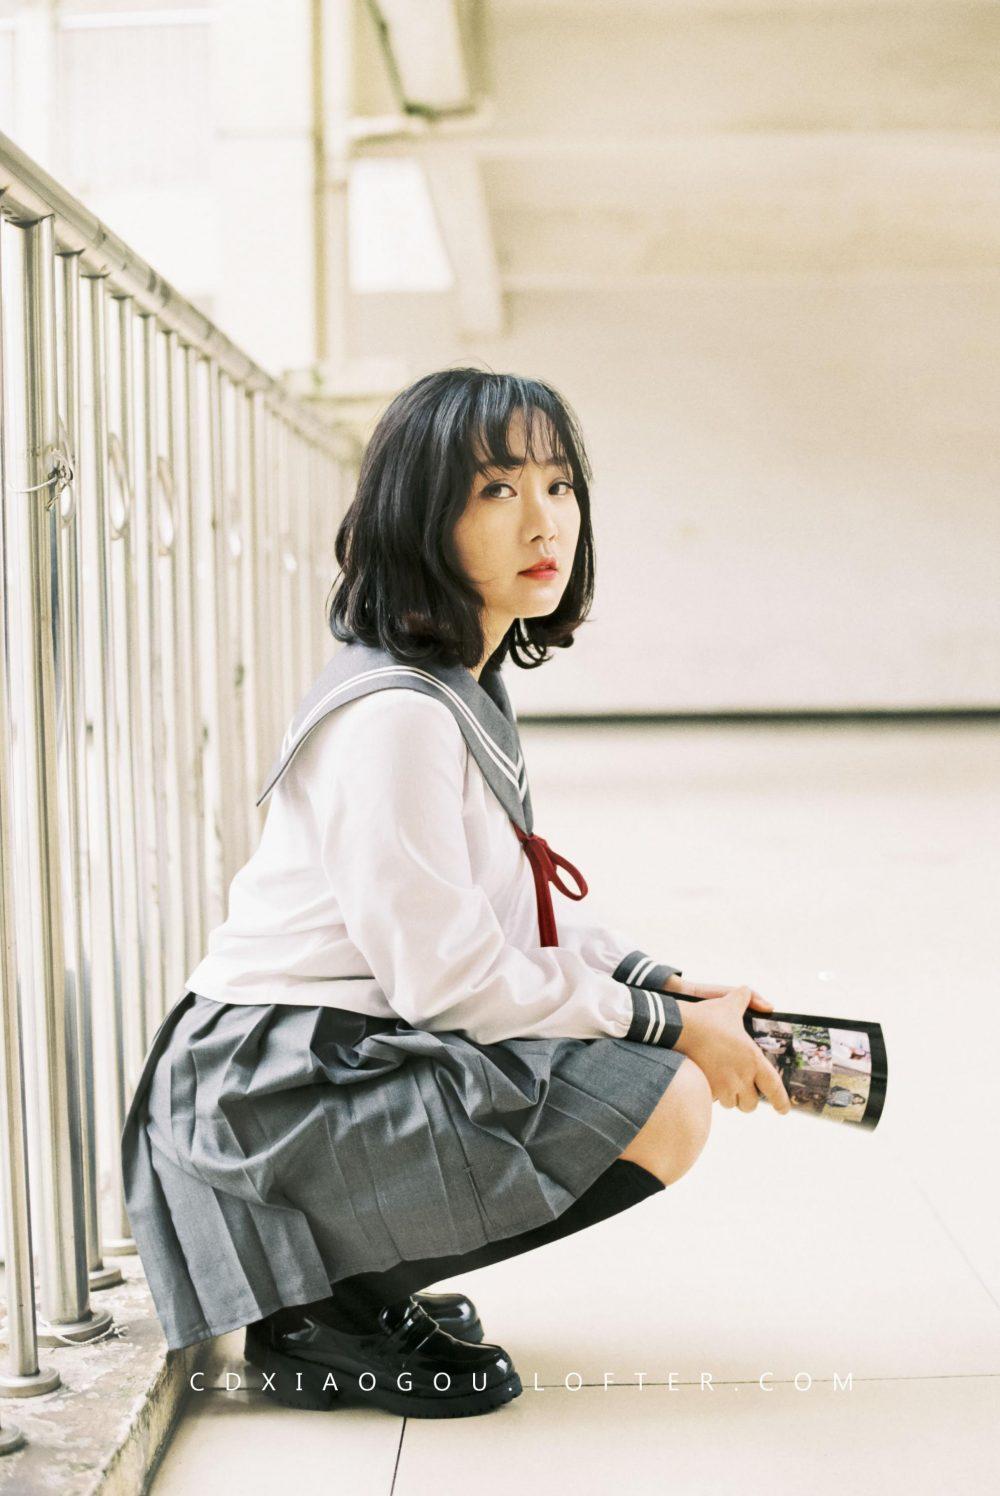 校园JK@常德摄影小狗-菲林中文-独立胶片摄影门户!